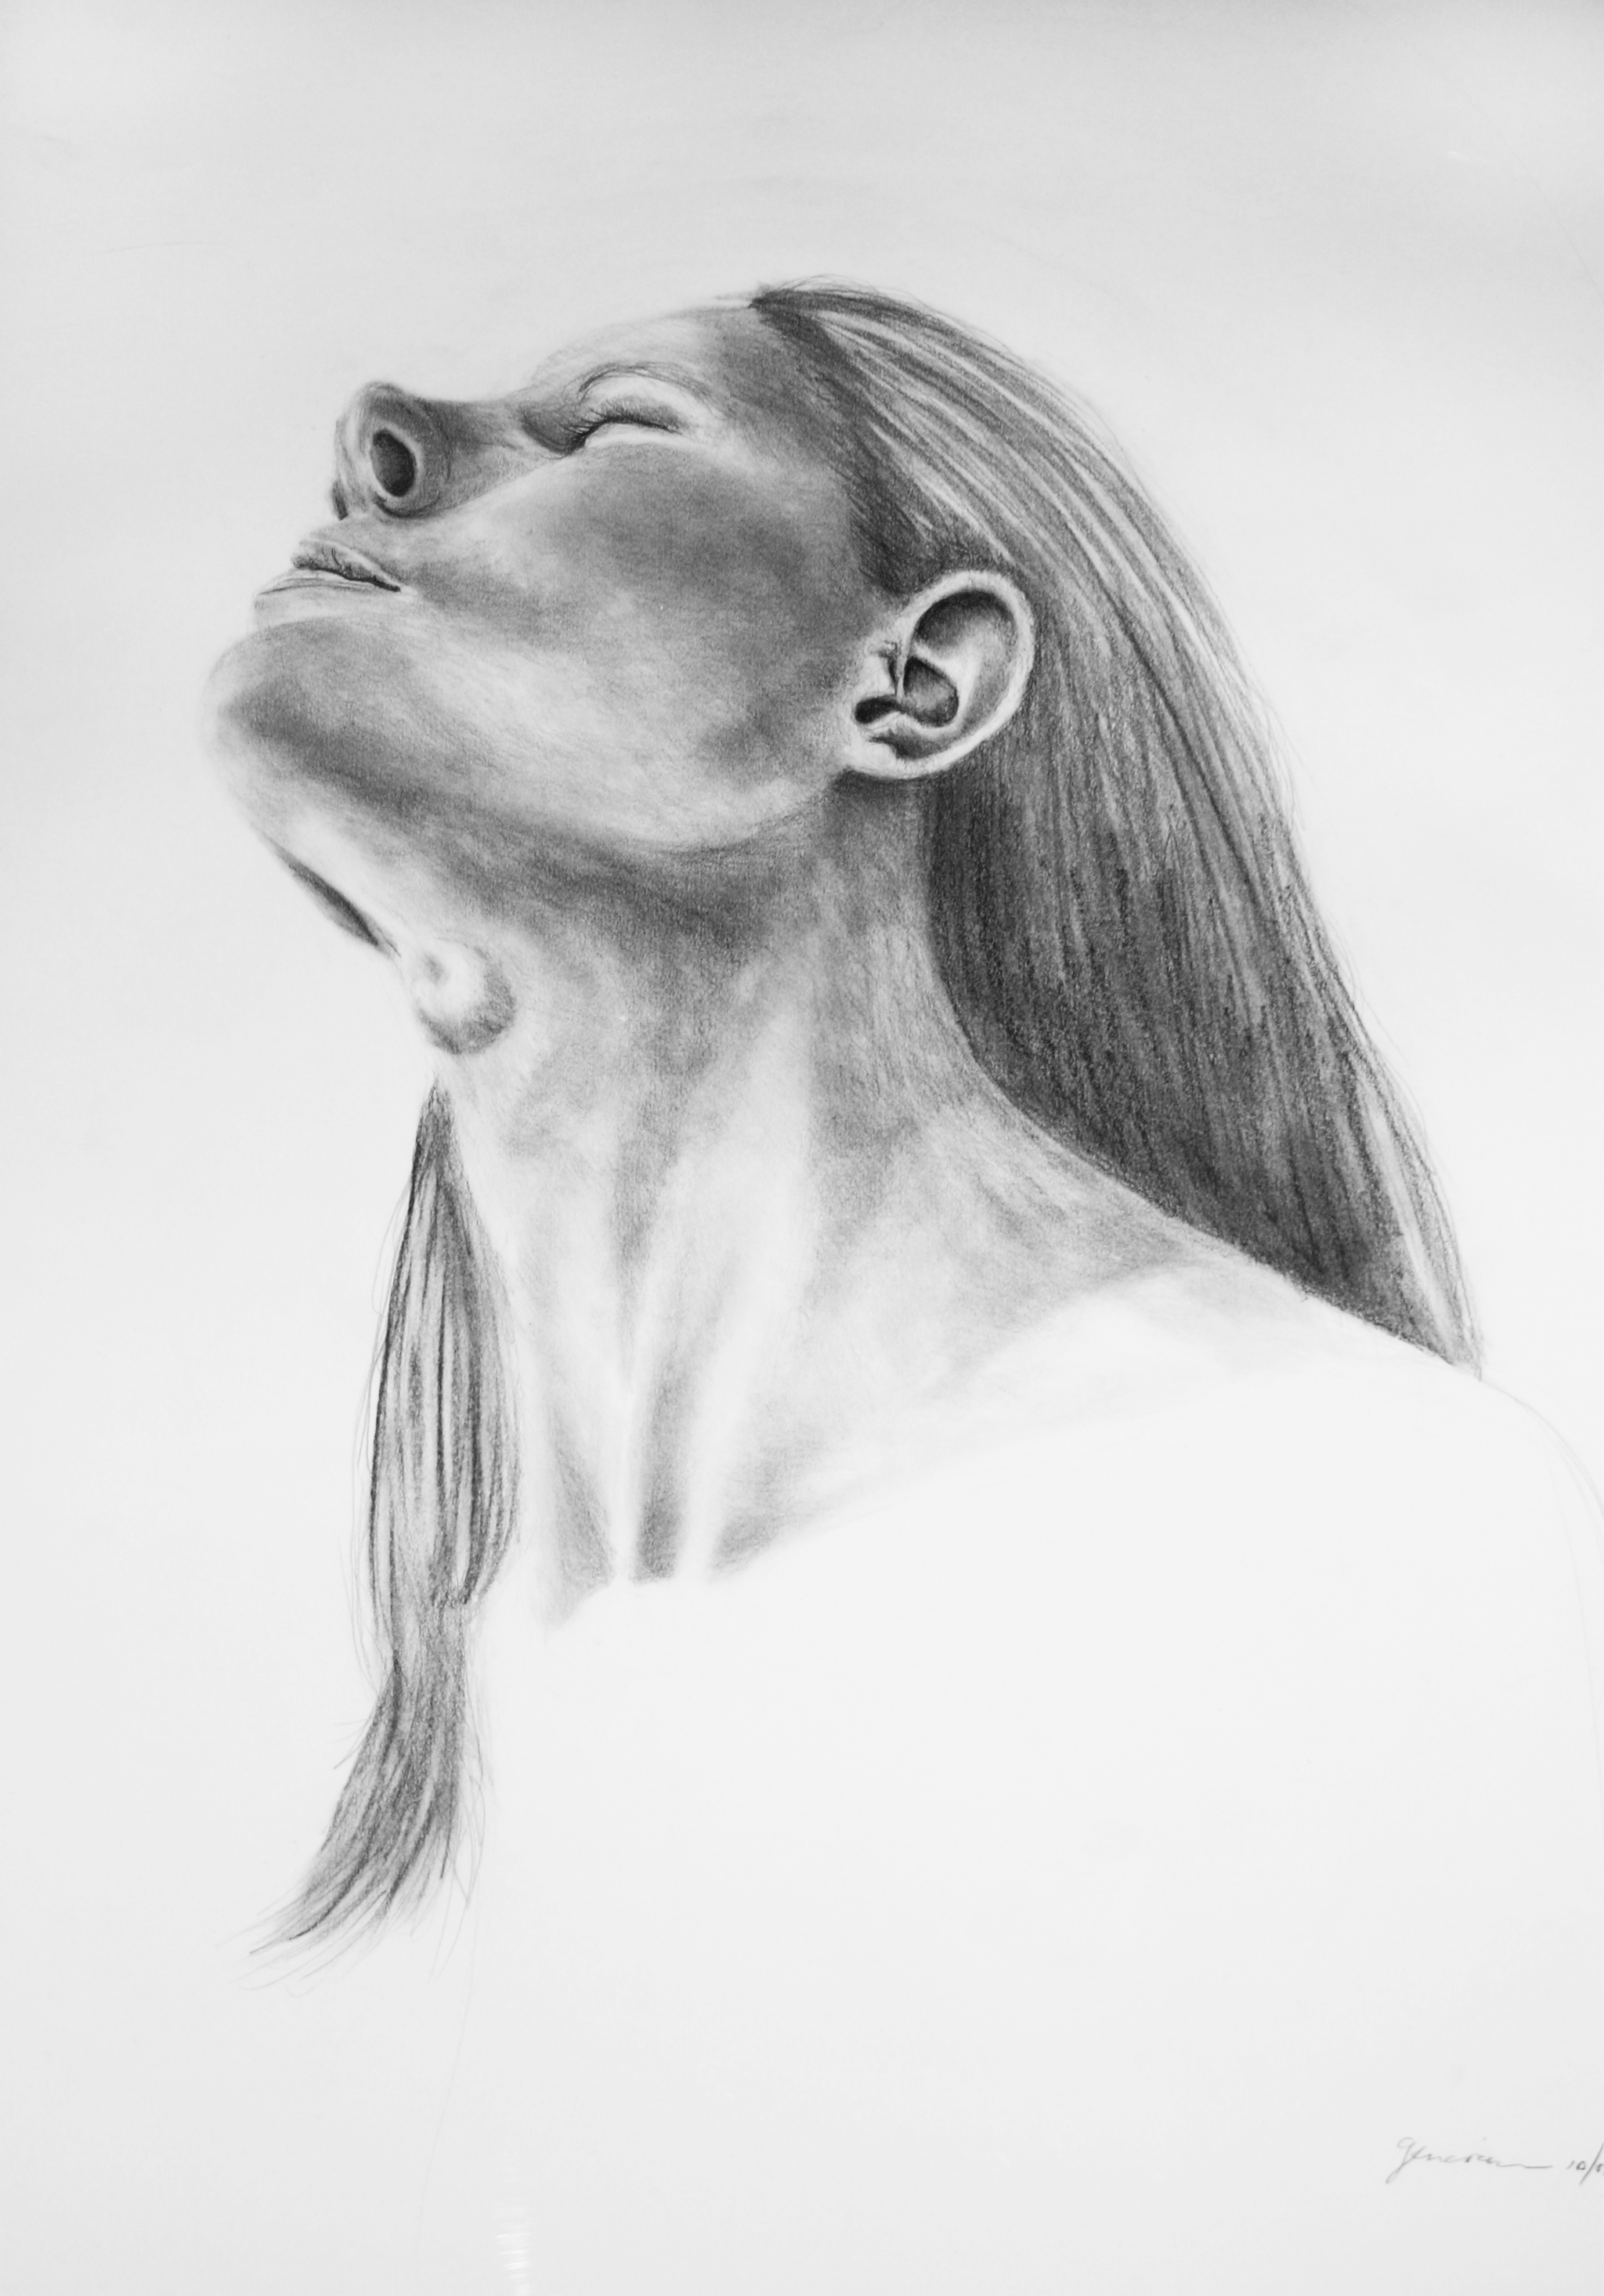 Pencil - Herman.jpg